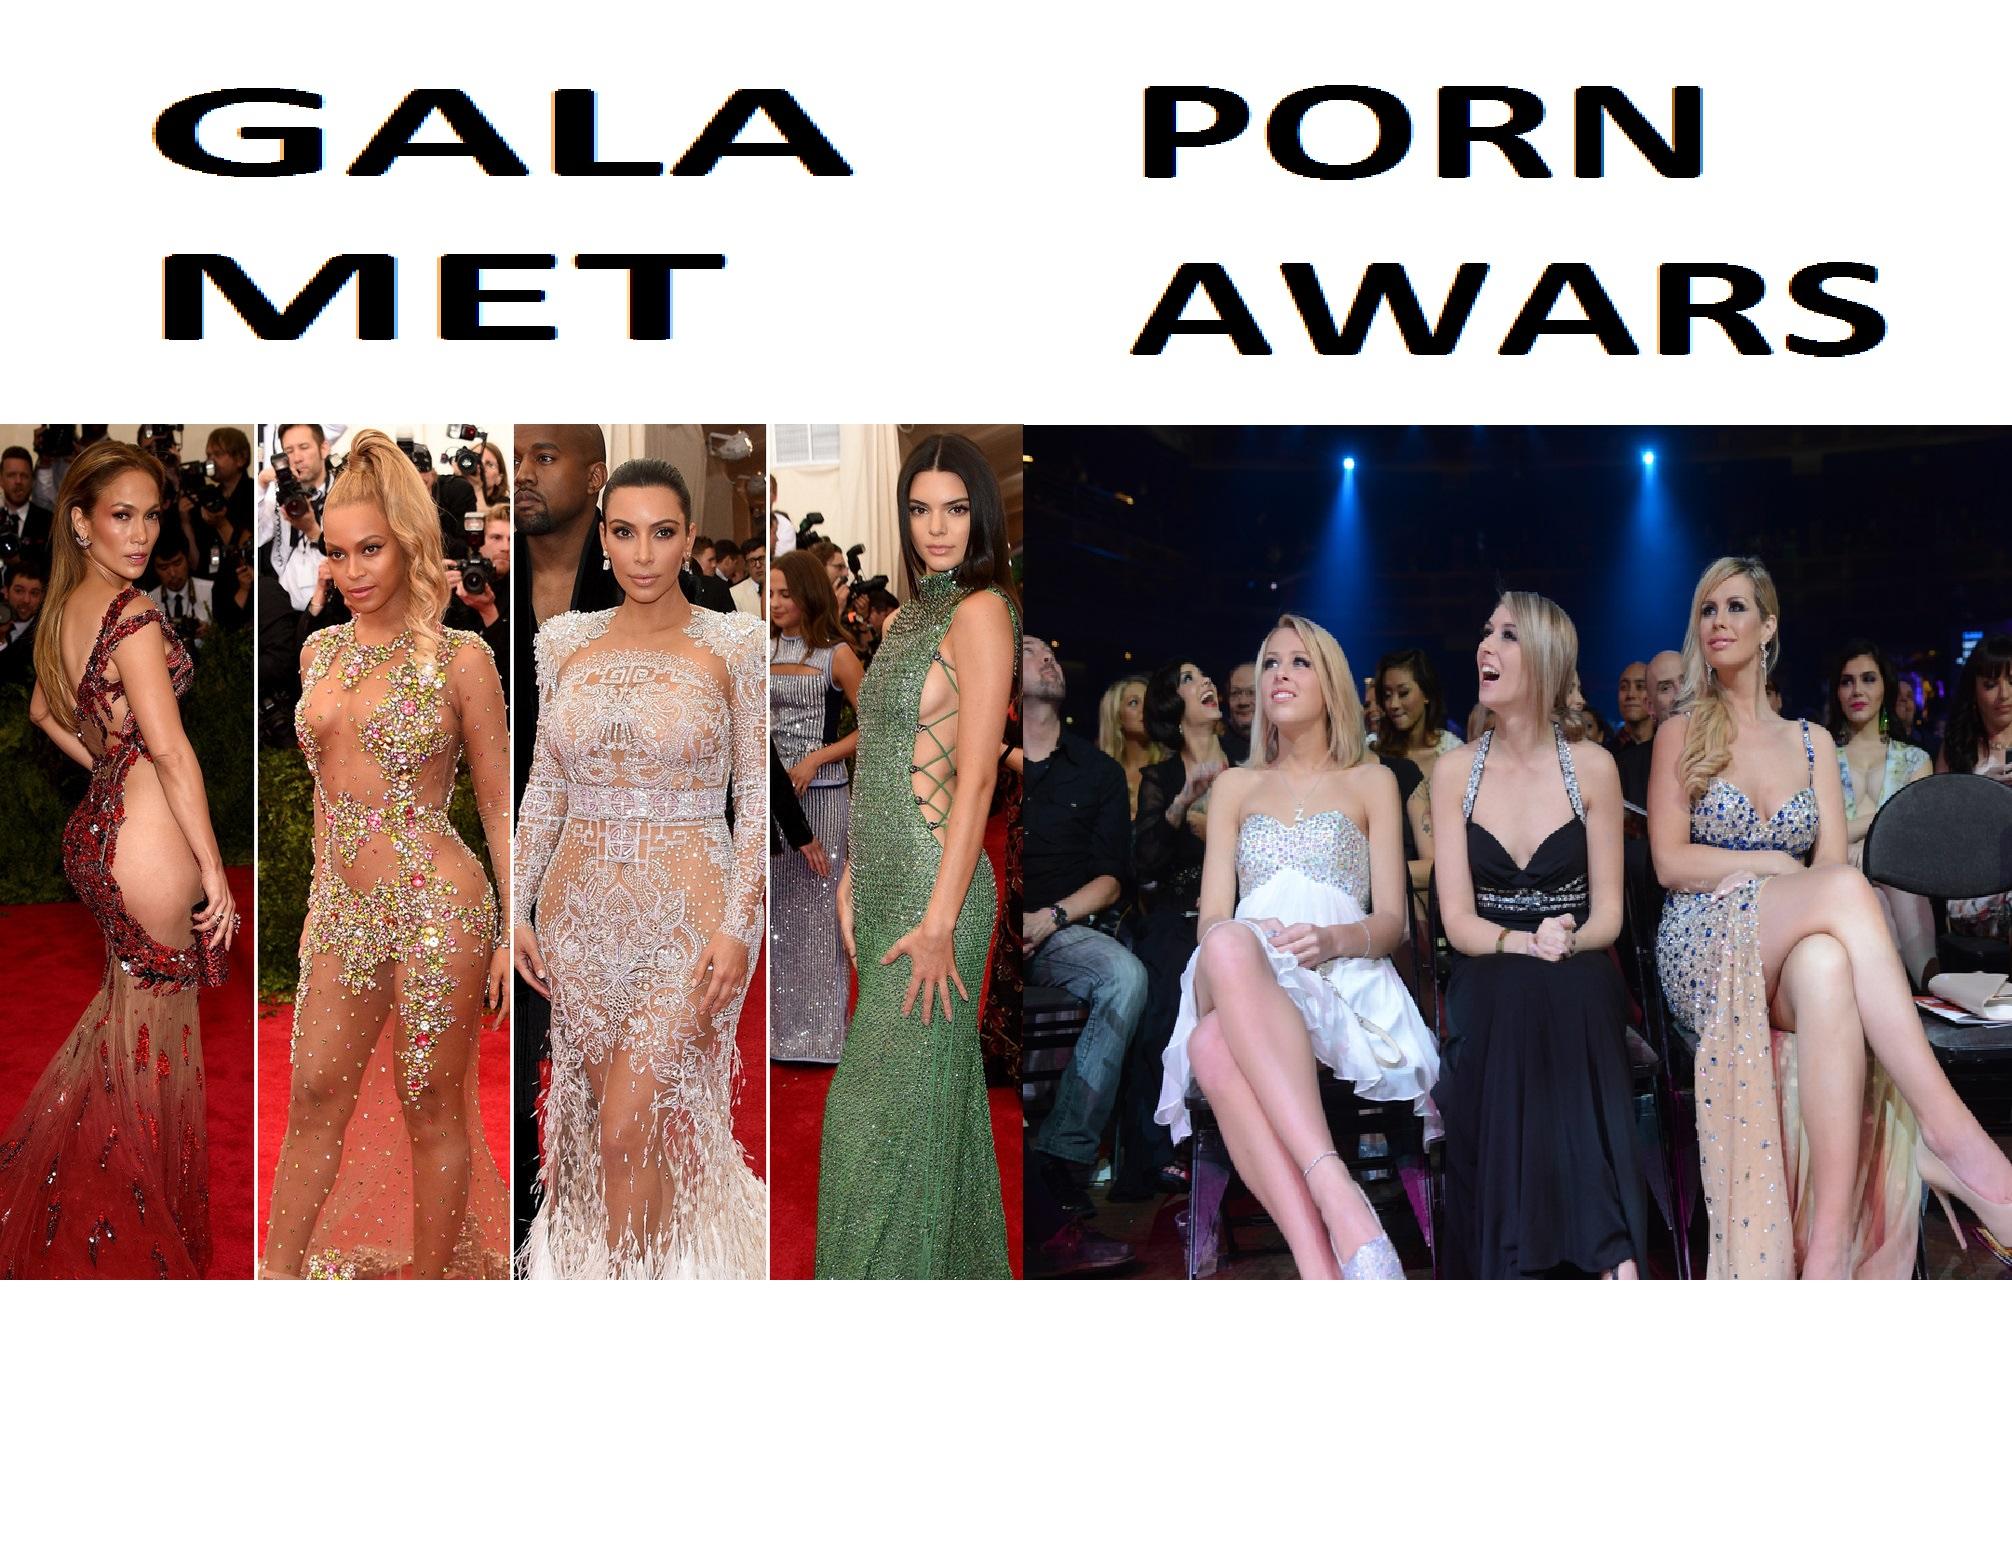 Actriz Porno Premio elacabose